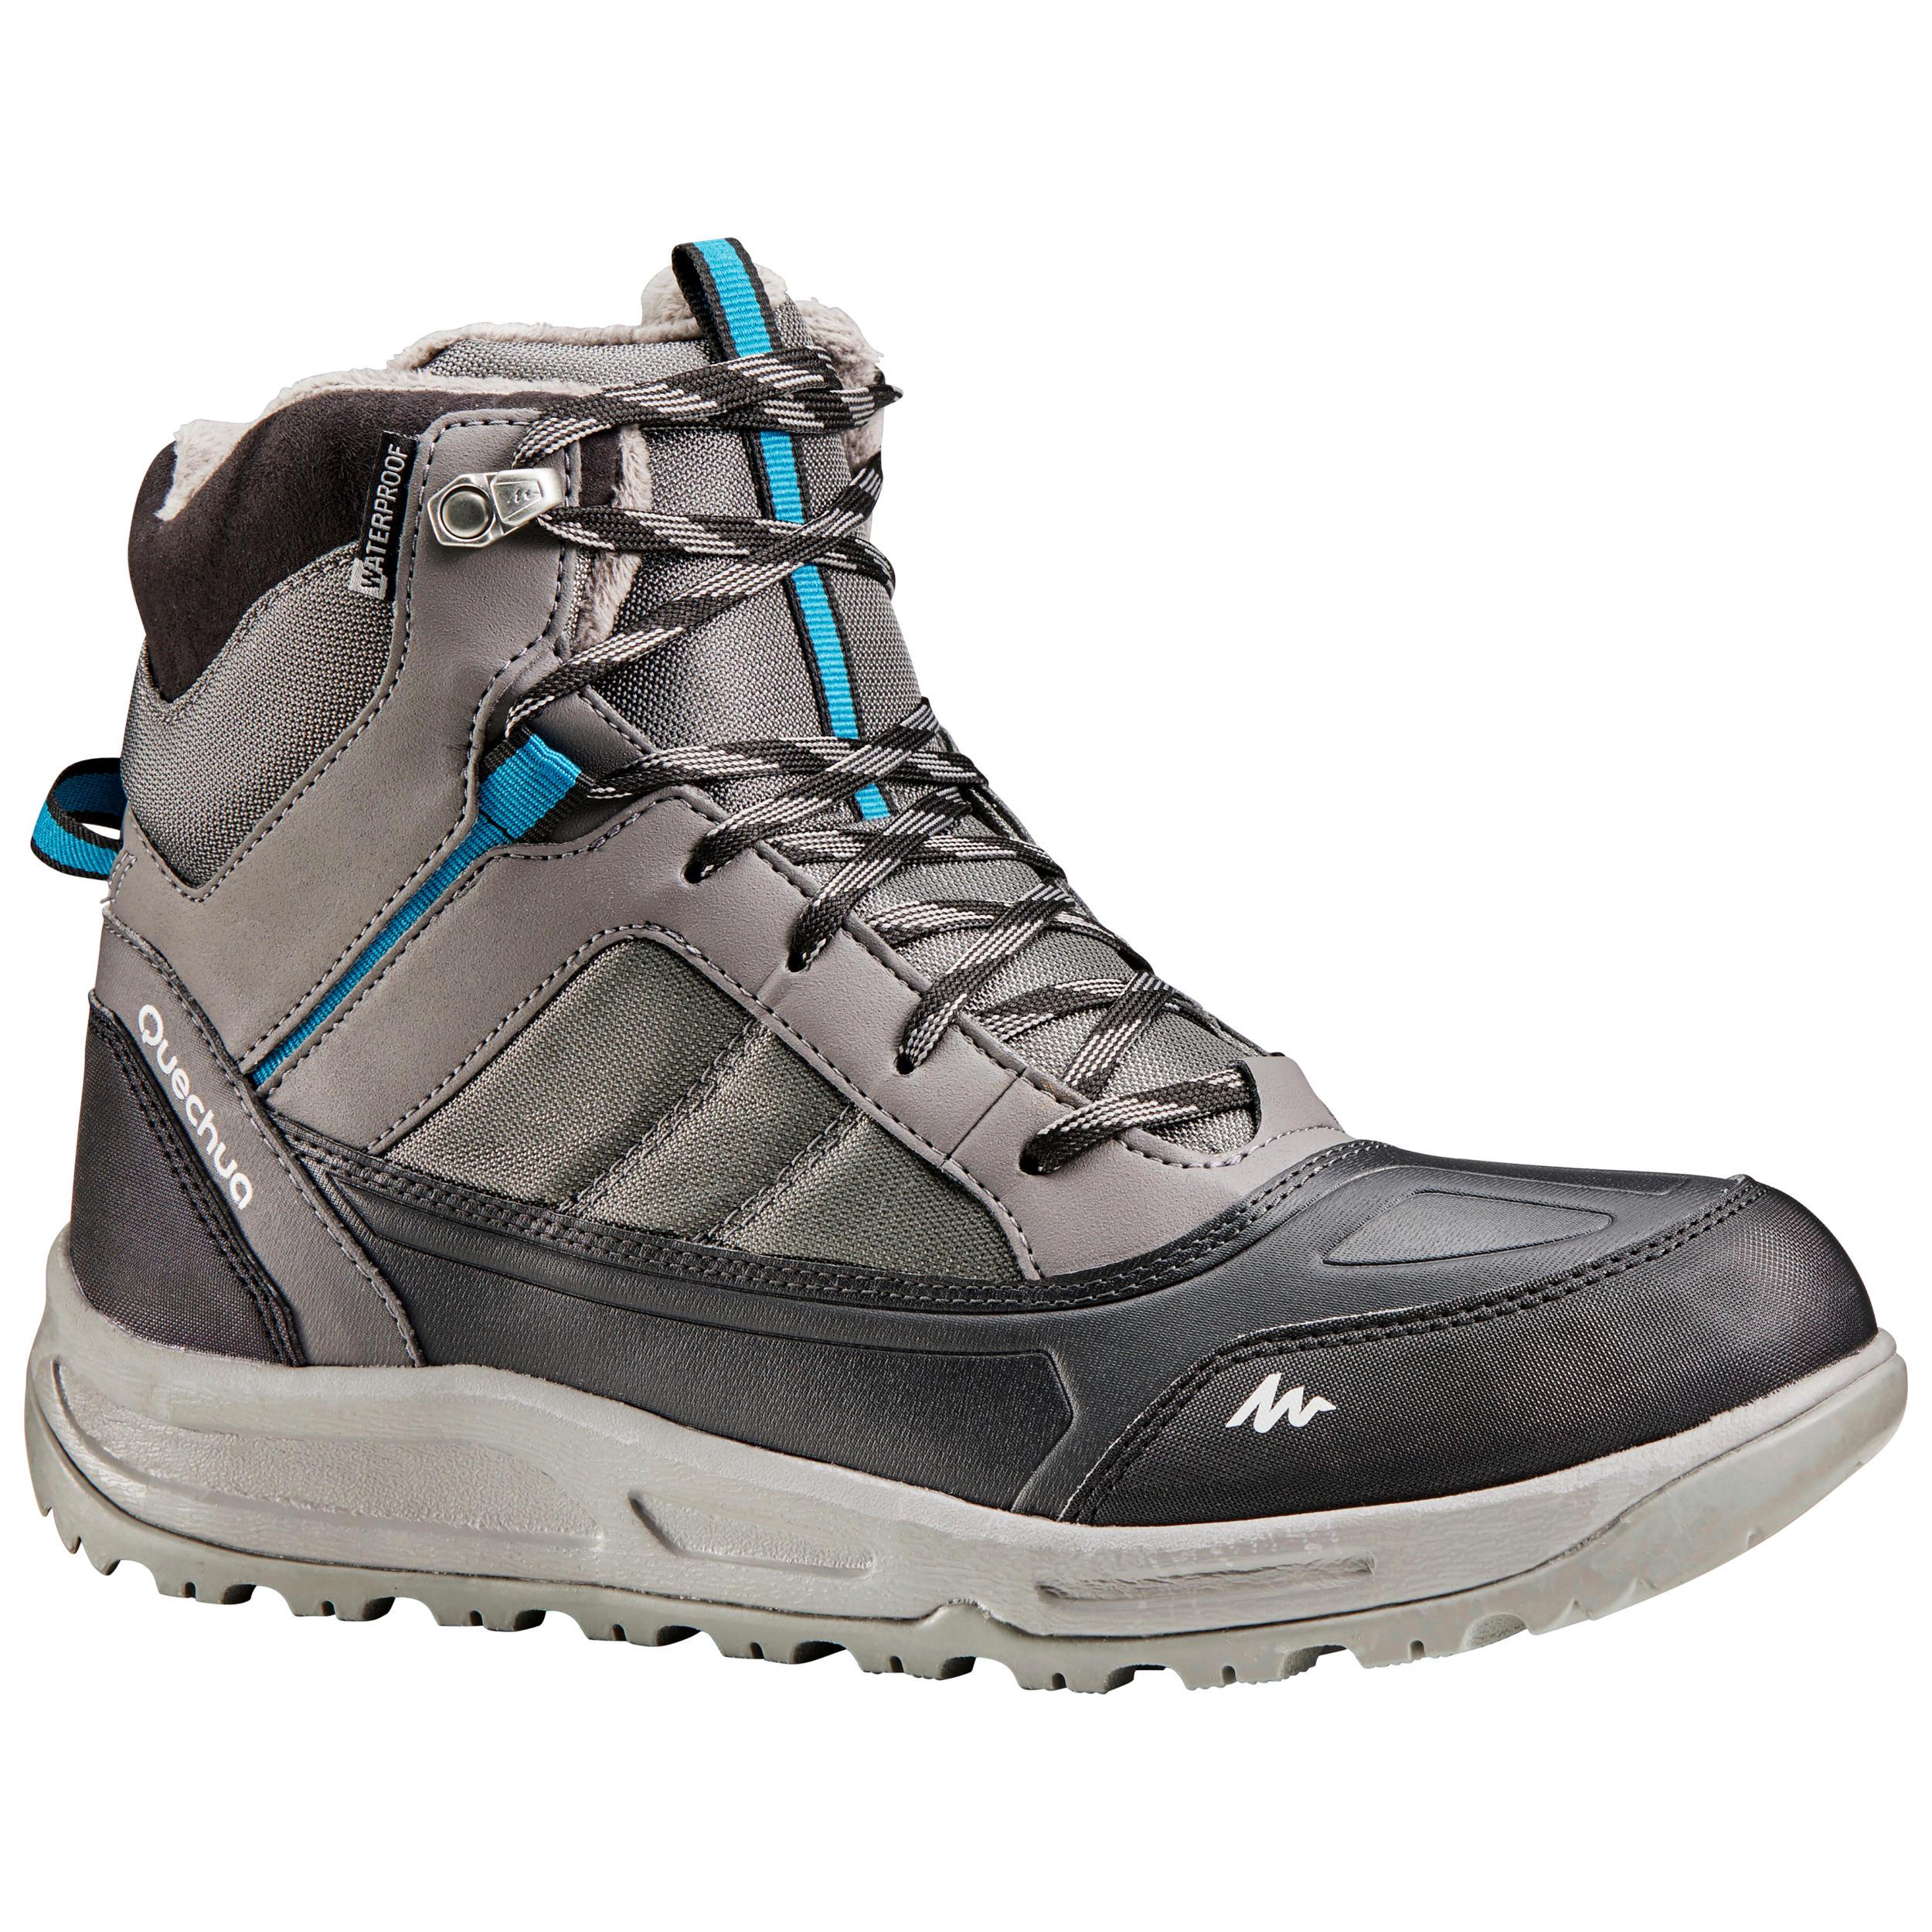 Chaussures de randonnée neige homme sh120 warm mid grises. quechua